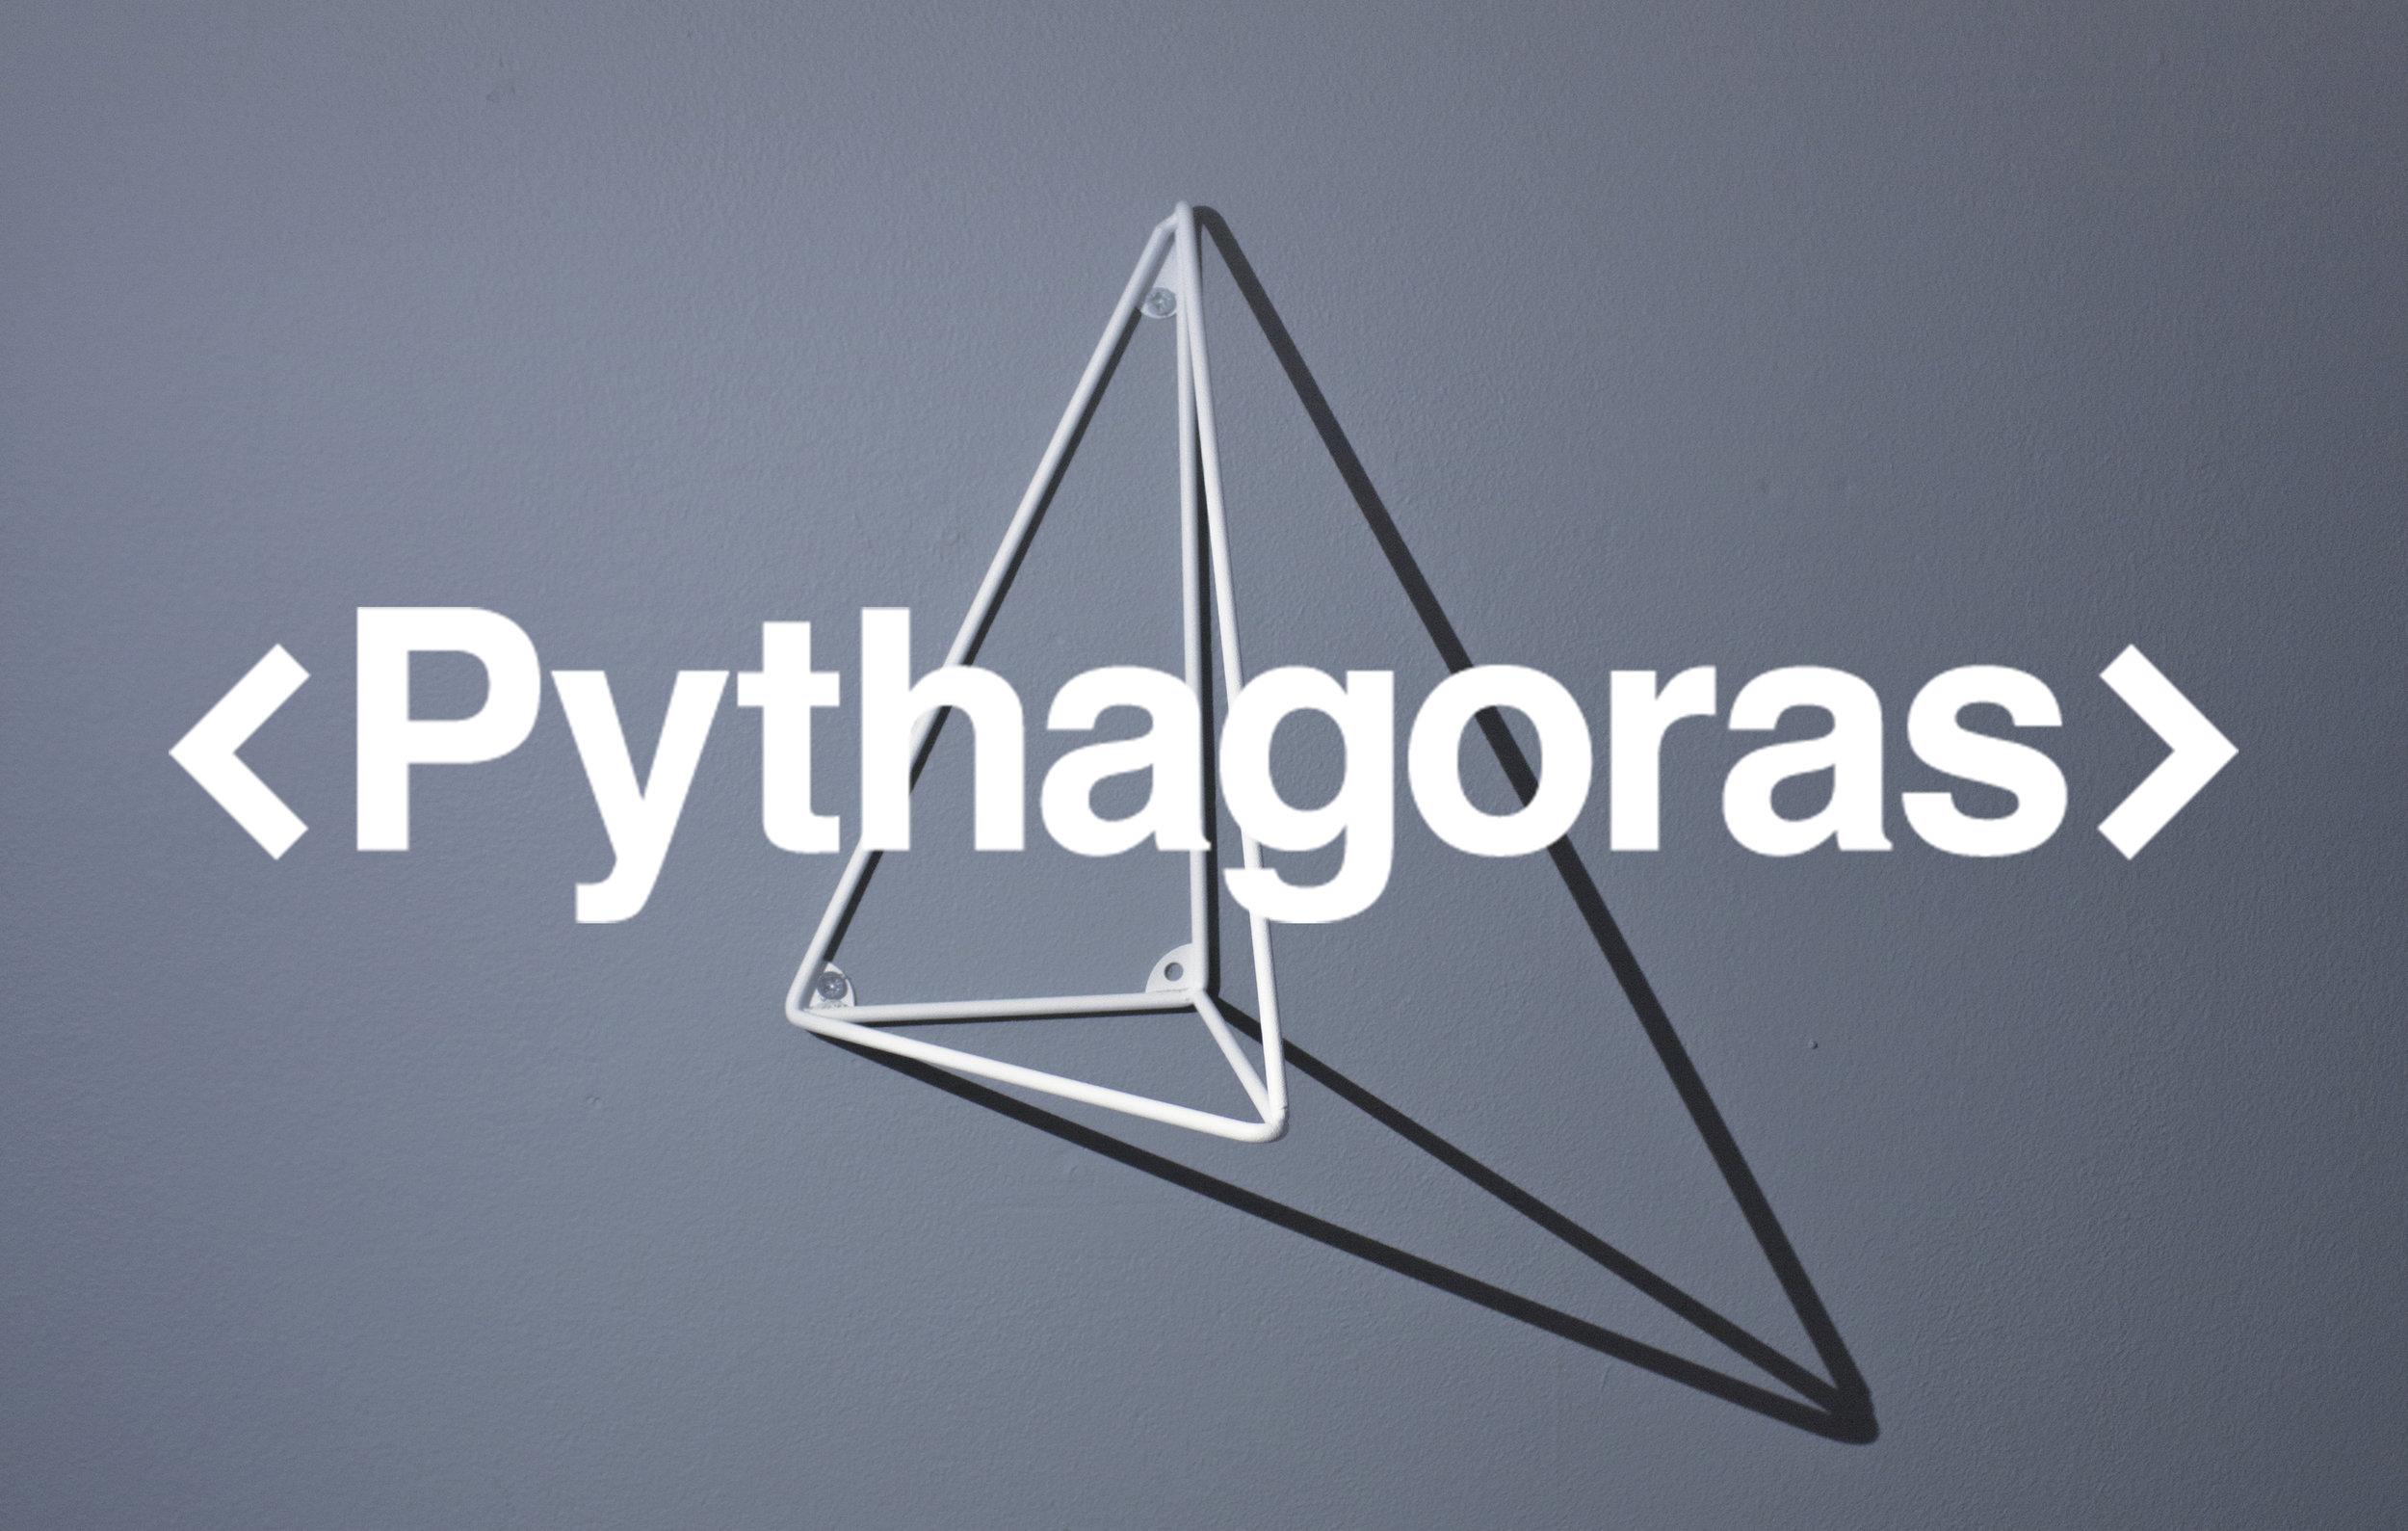 singel_pythagoras_logo.jpg